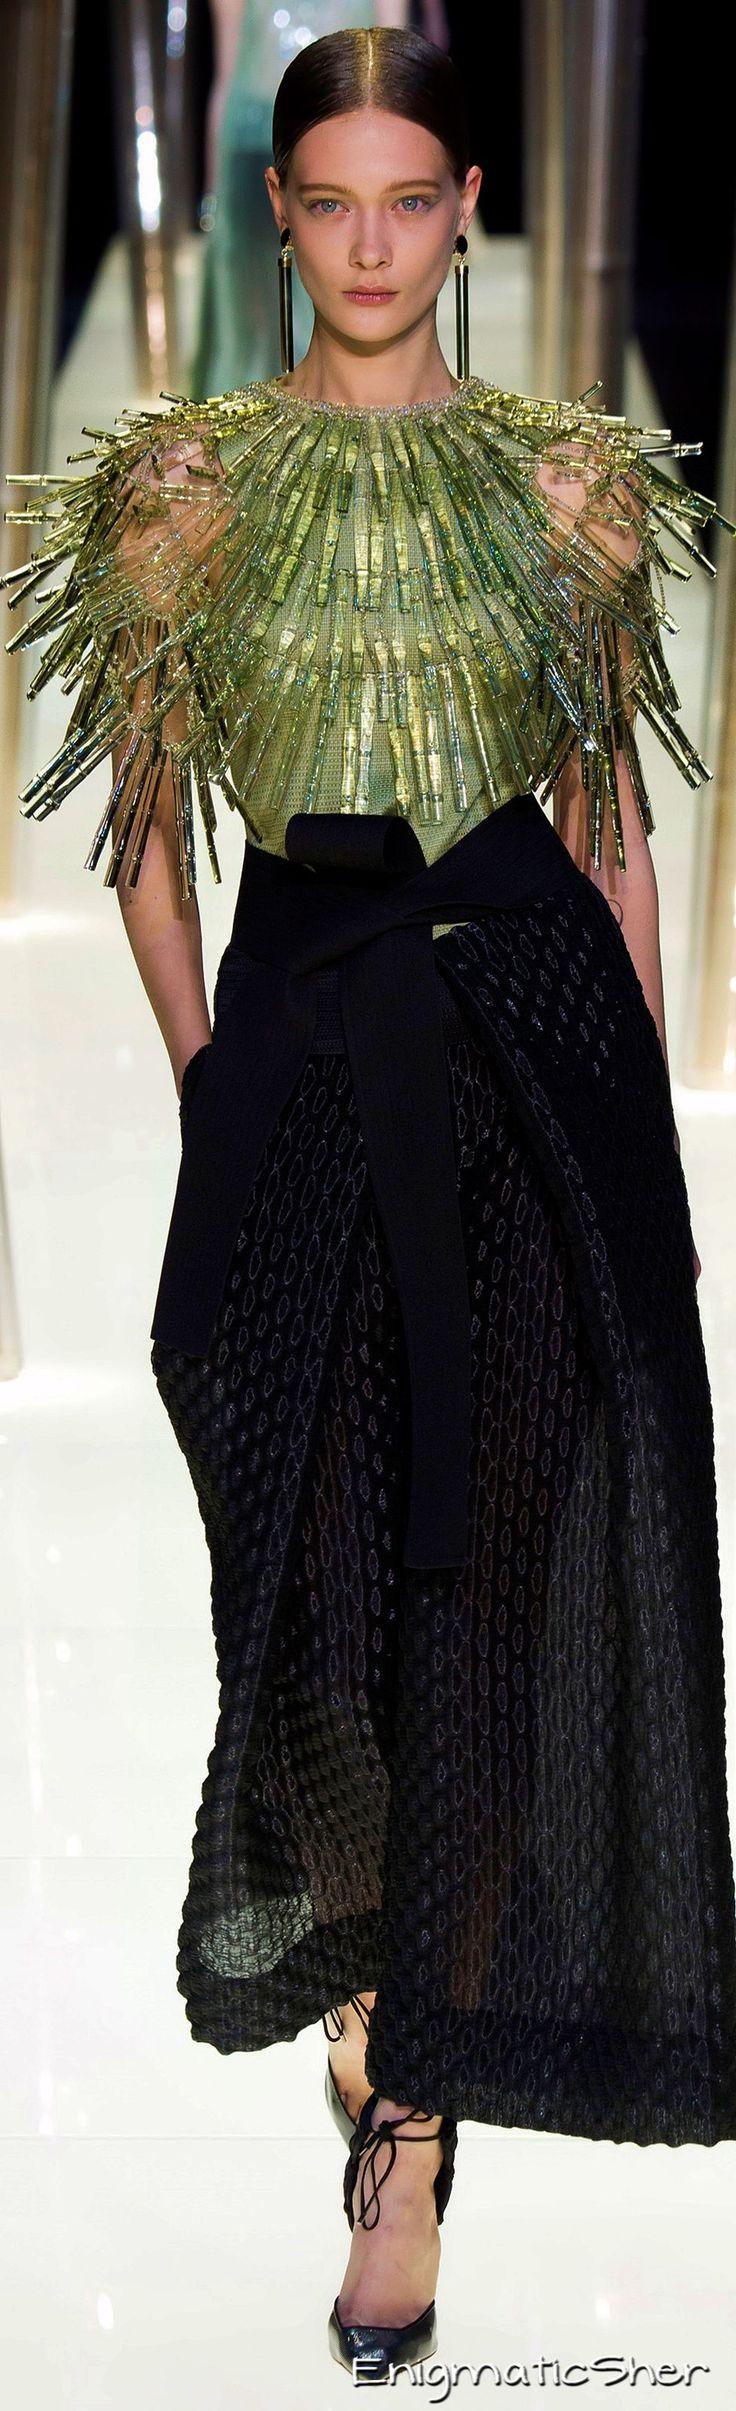 Giorgio Armani Privé Haute Couture Spring Summer 2015